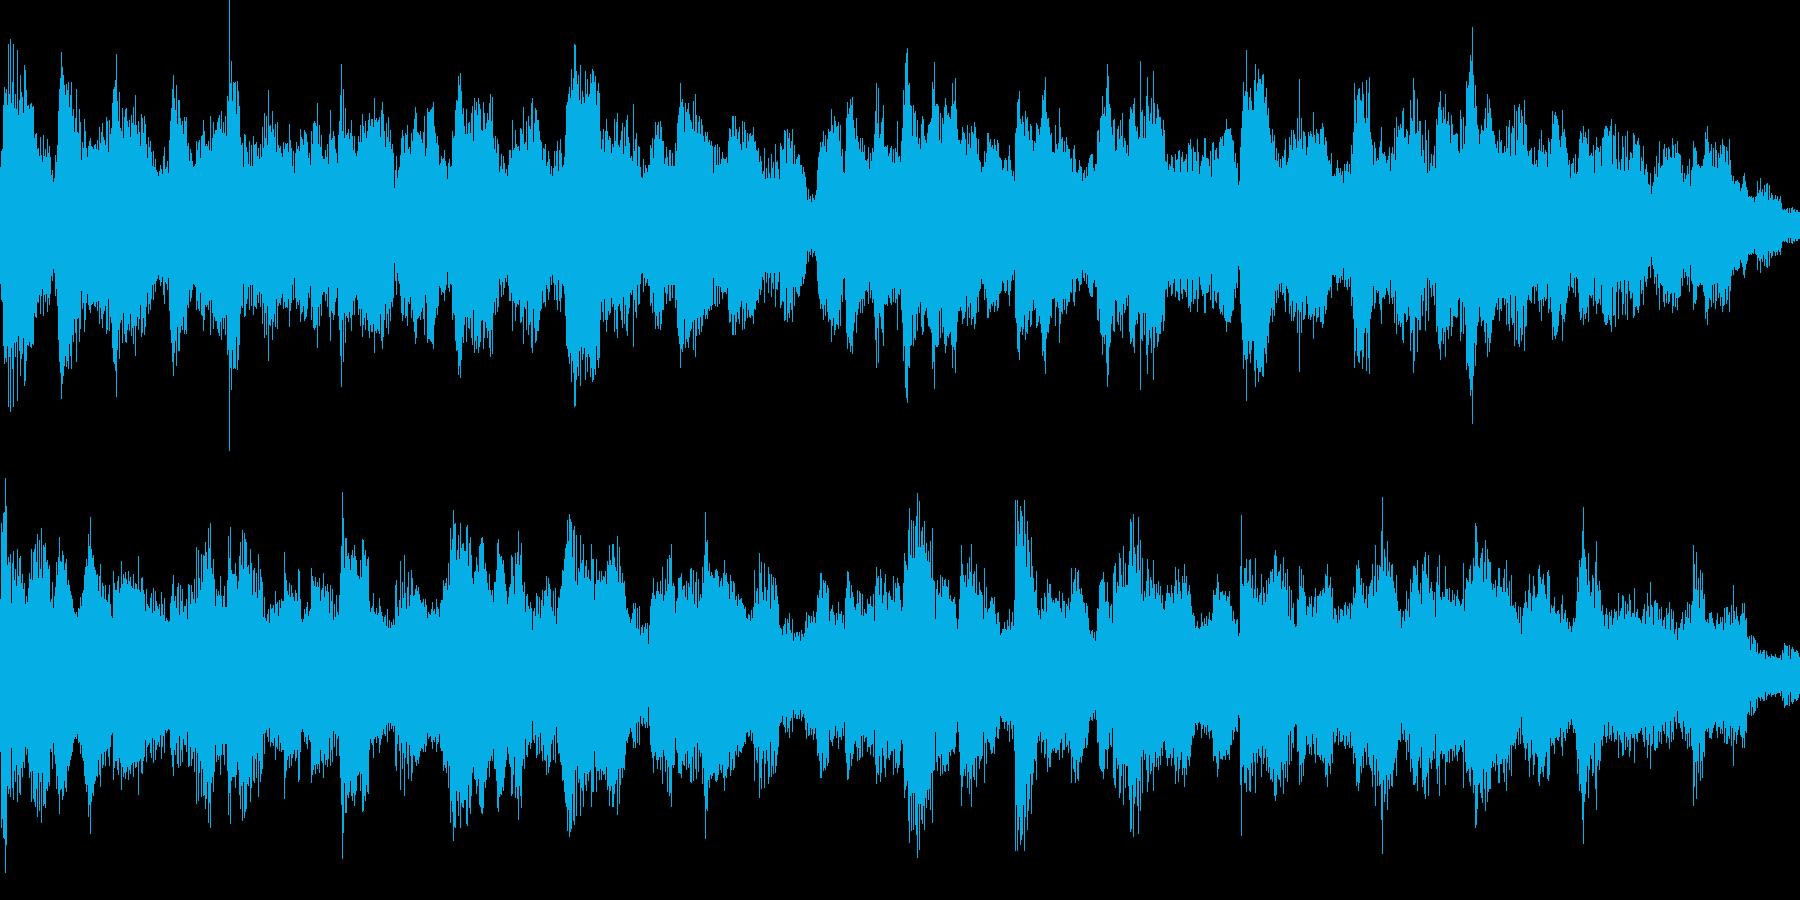 落ち着いた雰囲気のジングル_ループの再生済みの波形